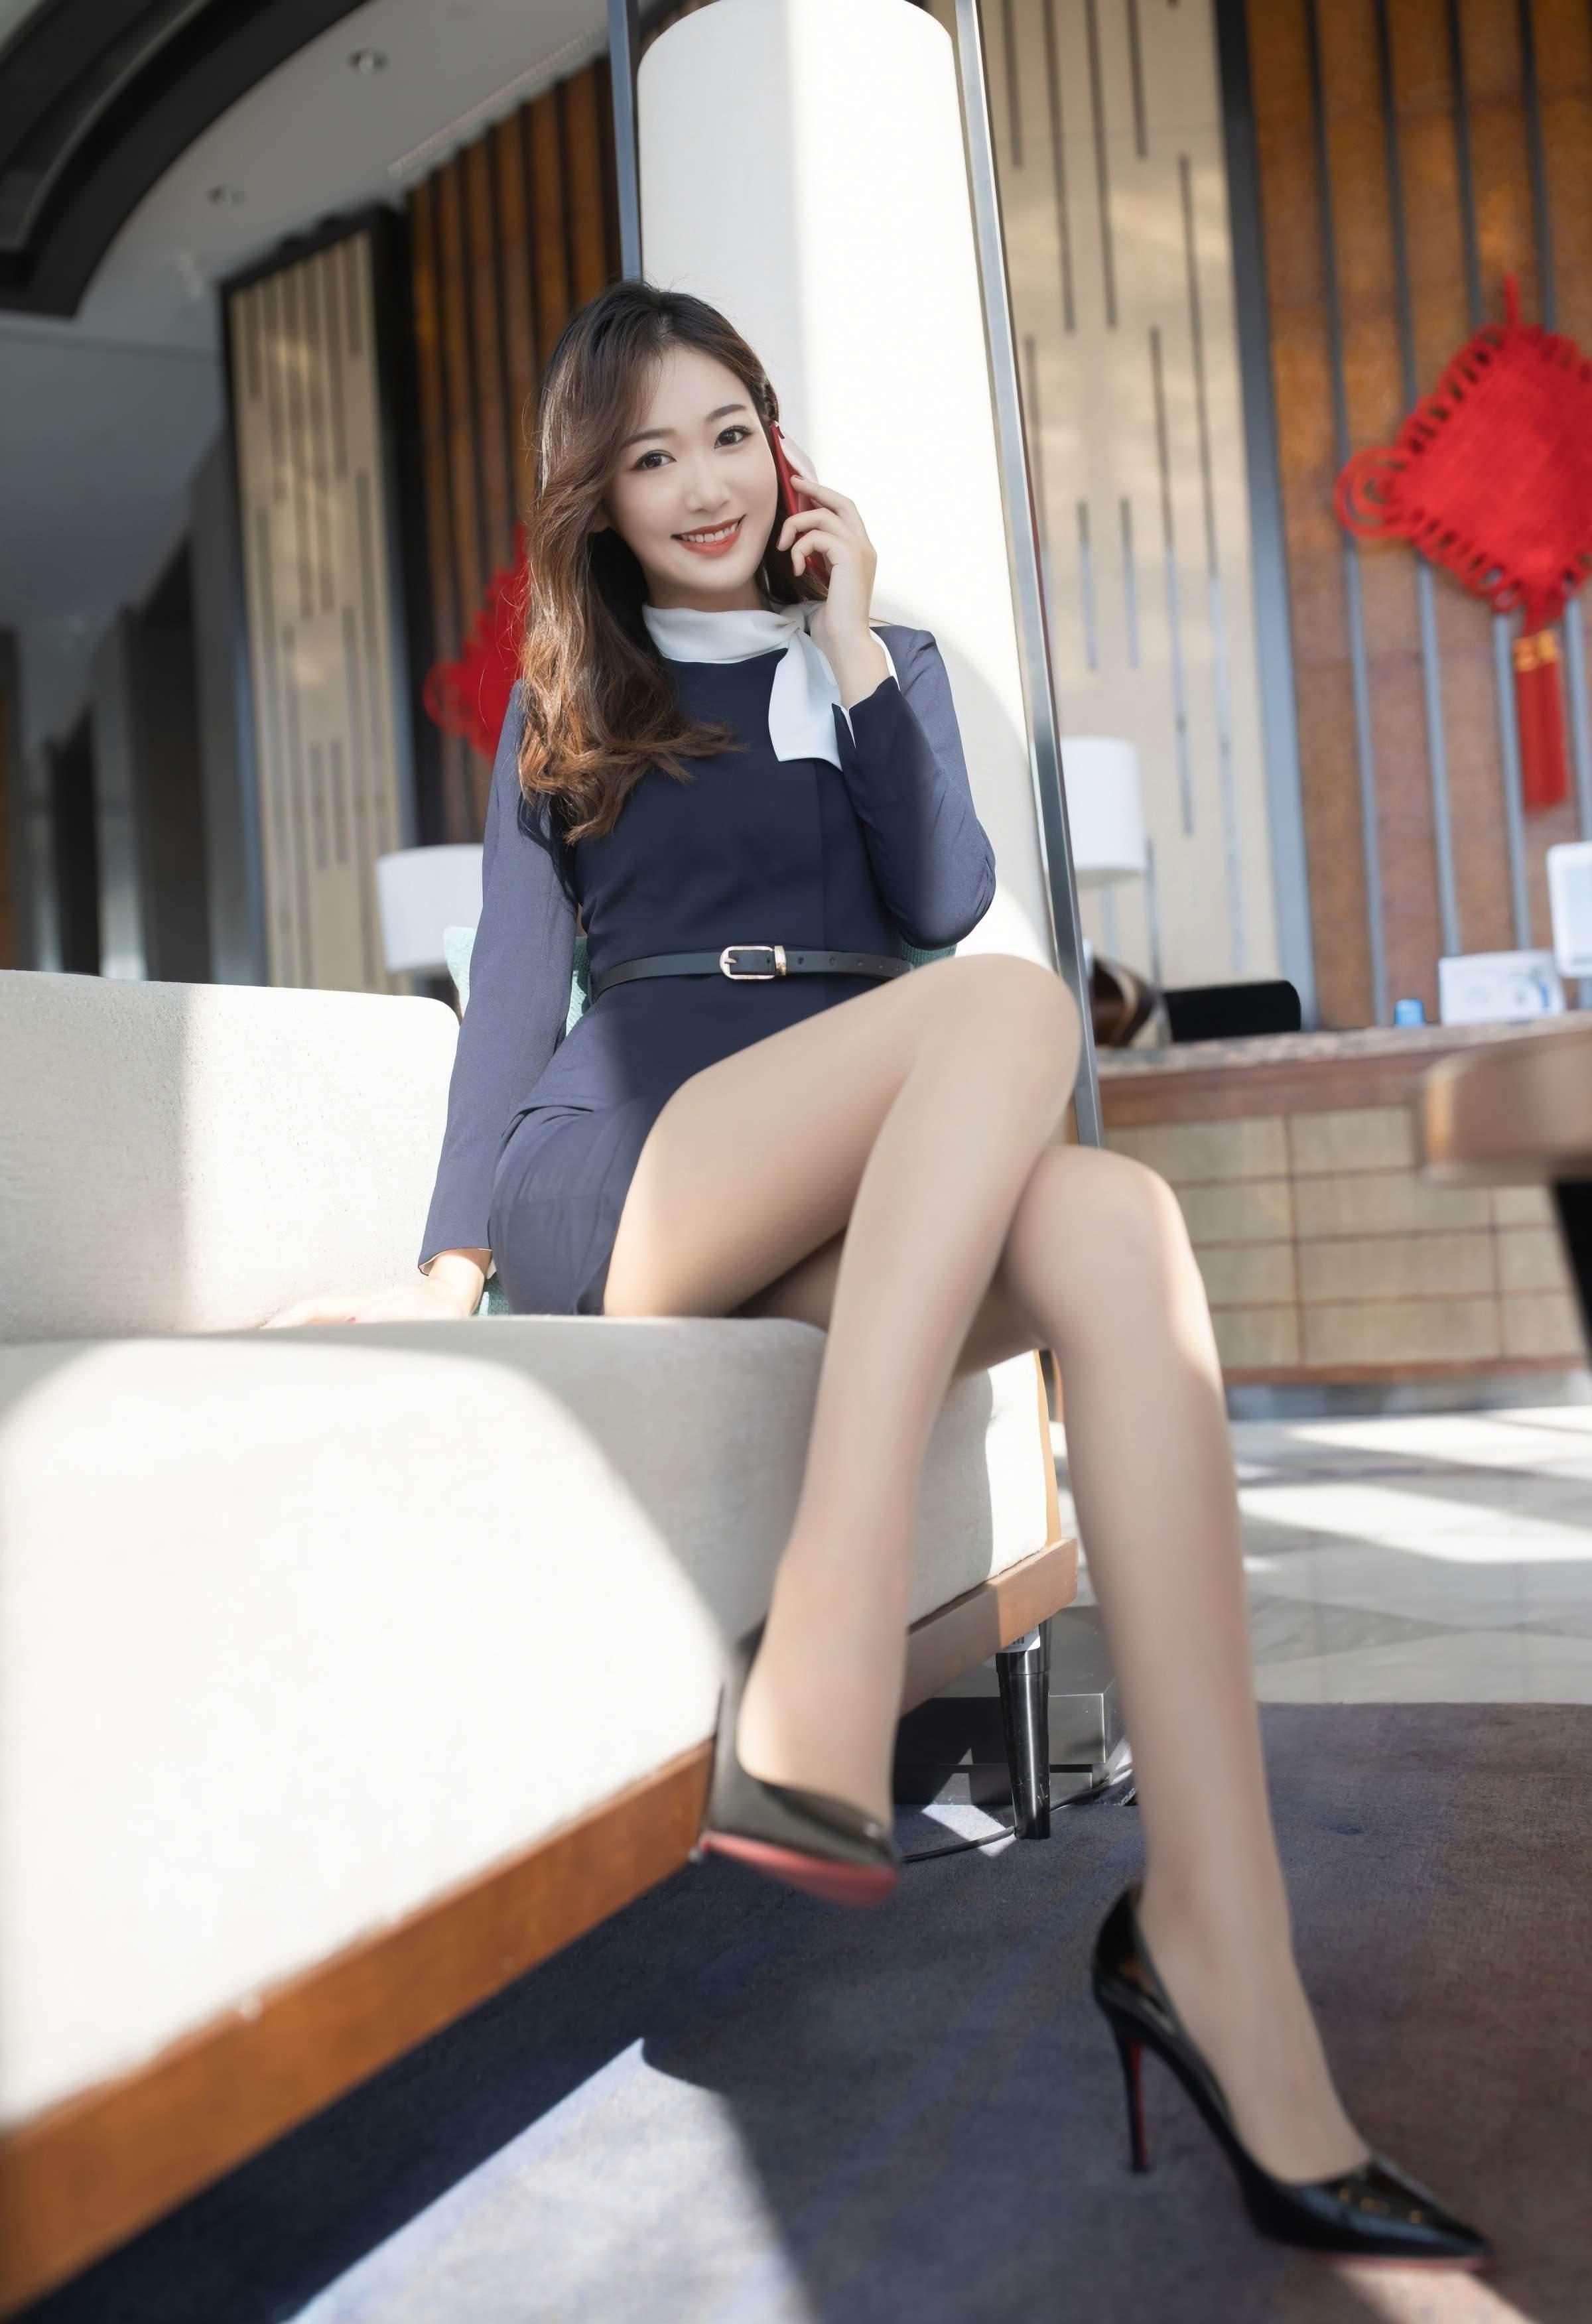 第70期繁忙的公司女老总唐安琪(工作装,高跟,丝袜)_图片2